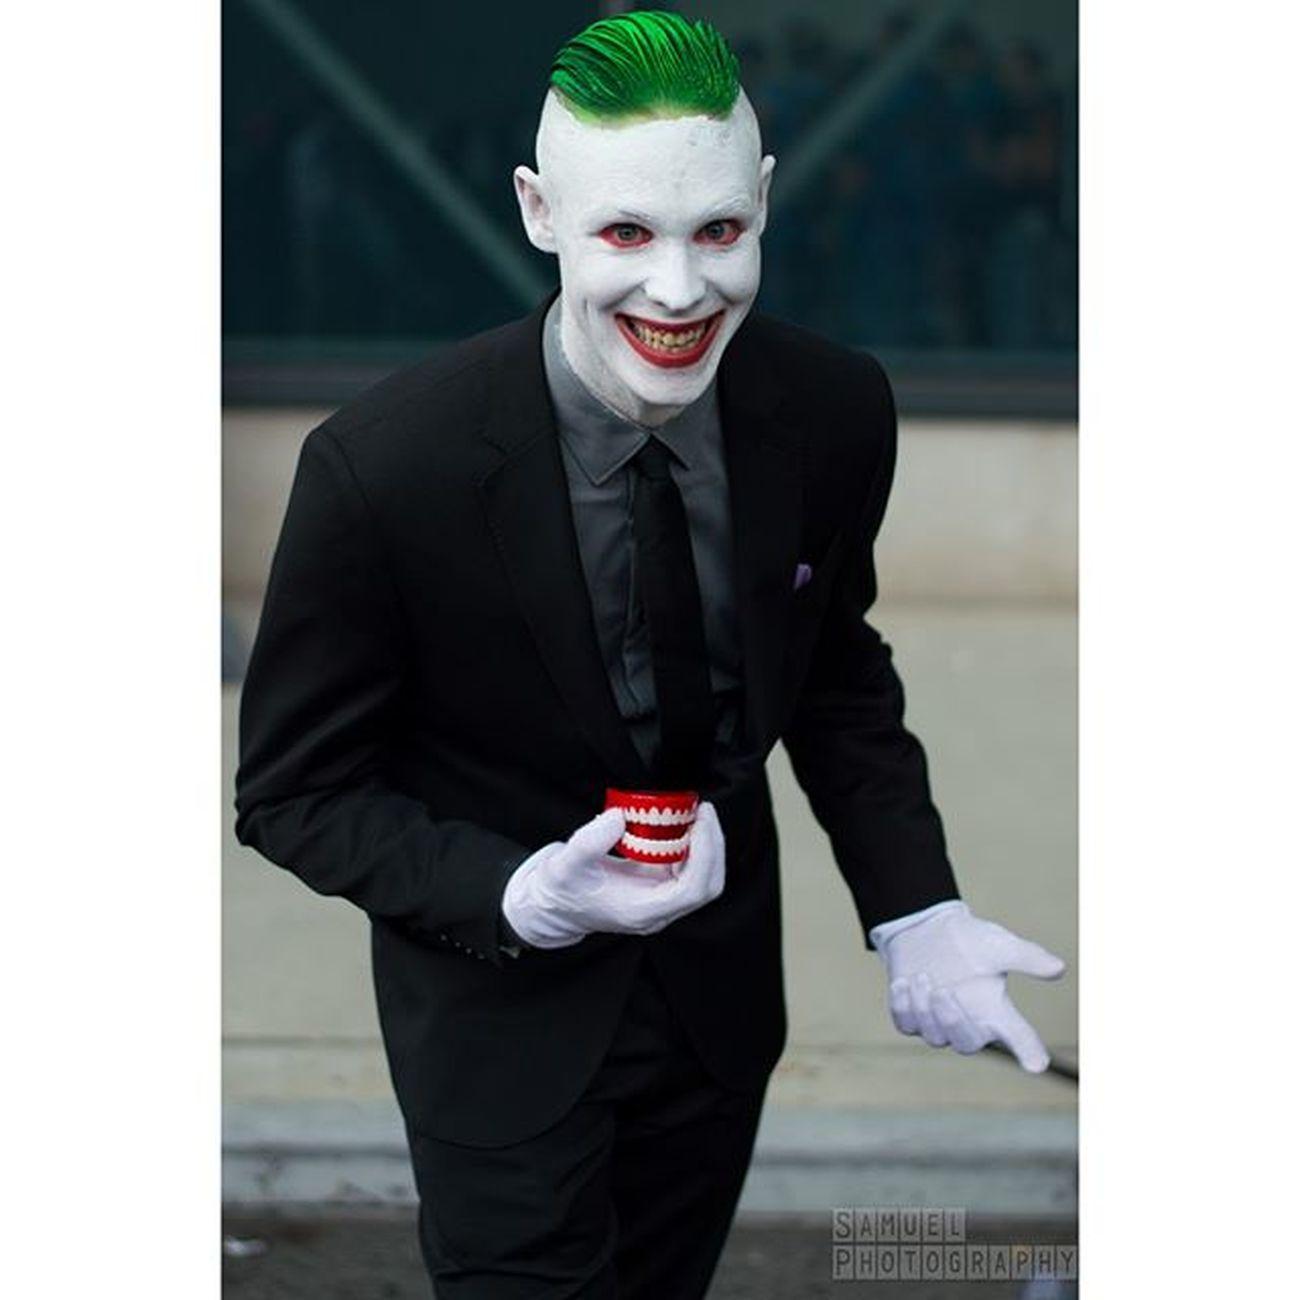 Joker Jokercosplay DC Dccosplay Hahaha Cosplayphotogtraphy Cosplay Newyorkphotography NYCC NYCC2015 Nycc15 Comiccon Newyorkcomiccon